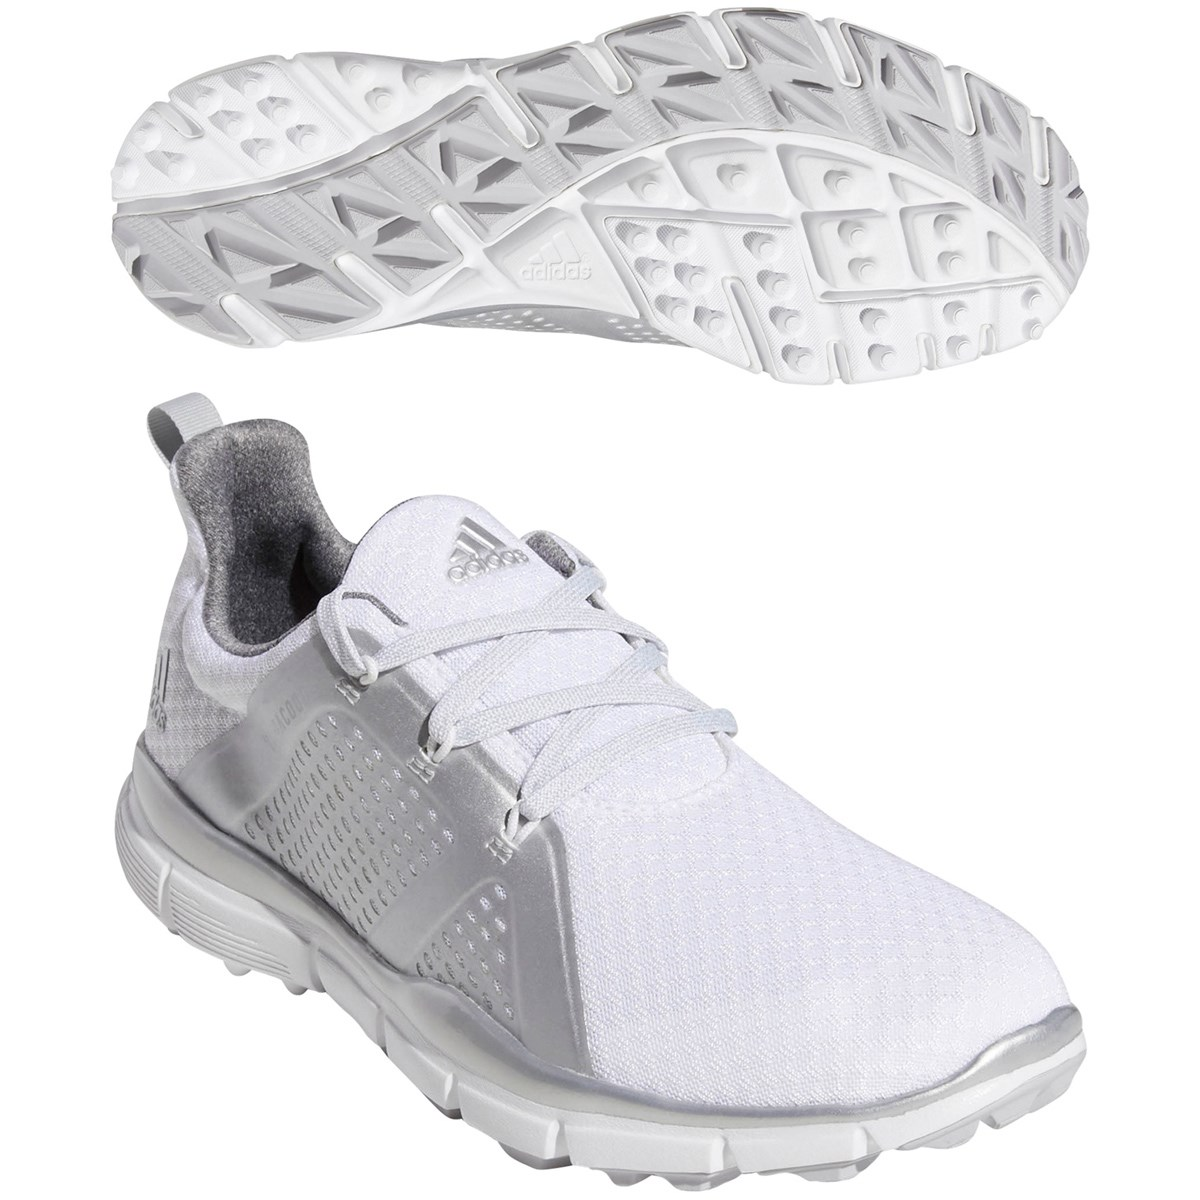 アディダス(adidas) クライマクール ケイジ シューズレディス